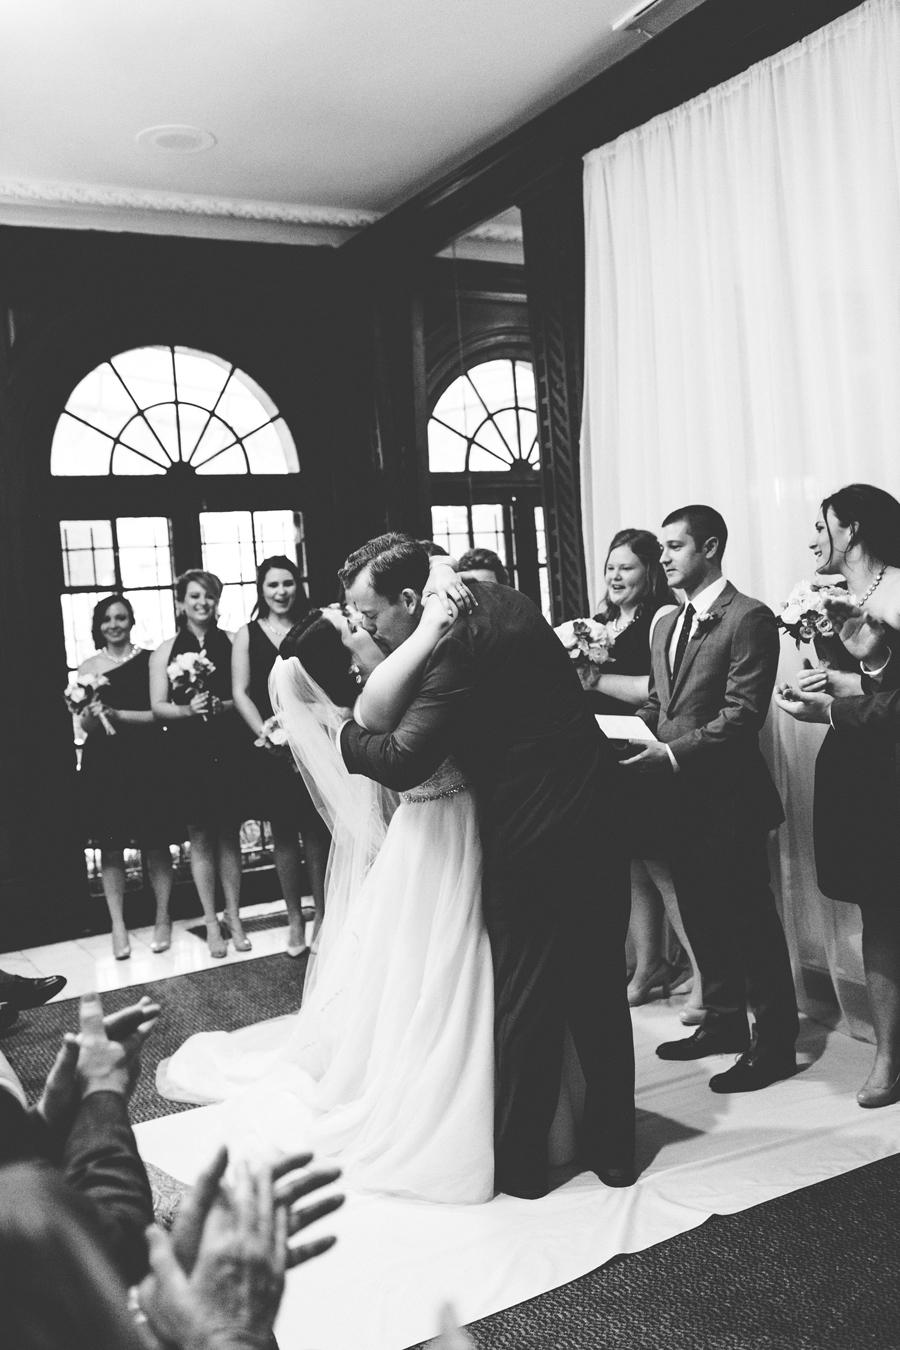 salvatores-chicago-wedding-021